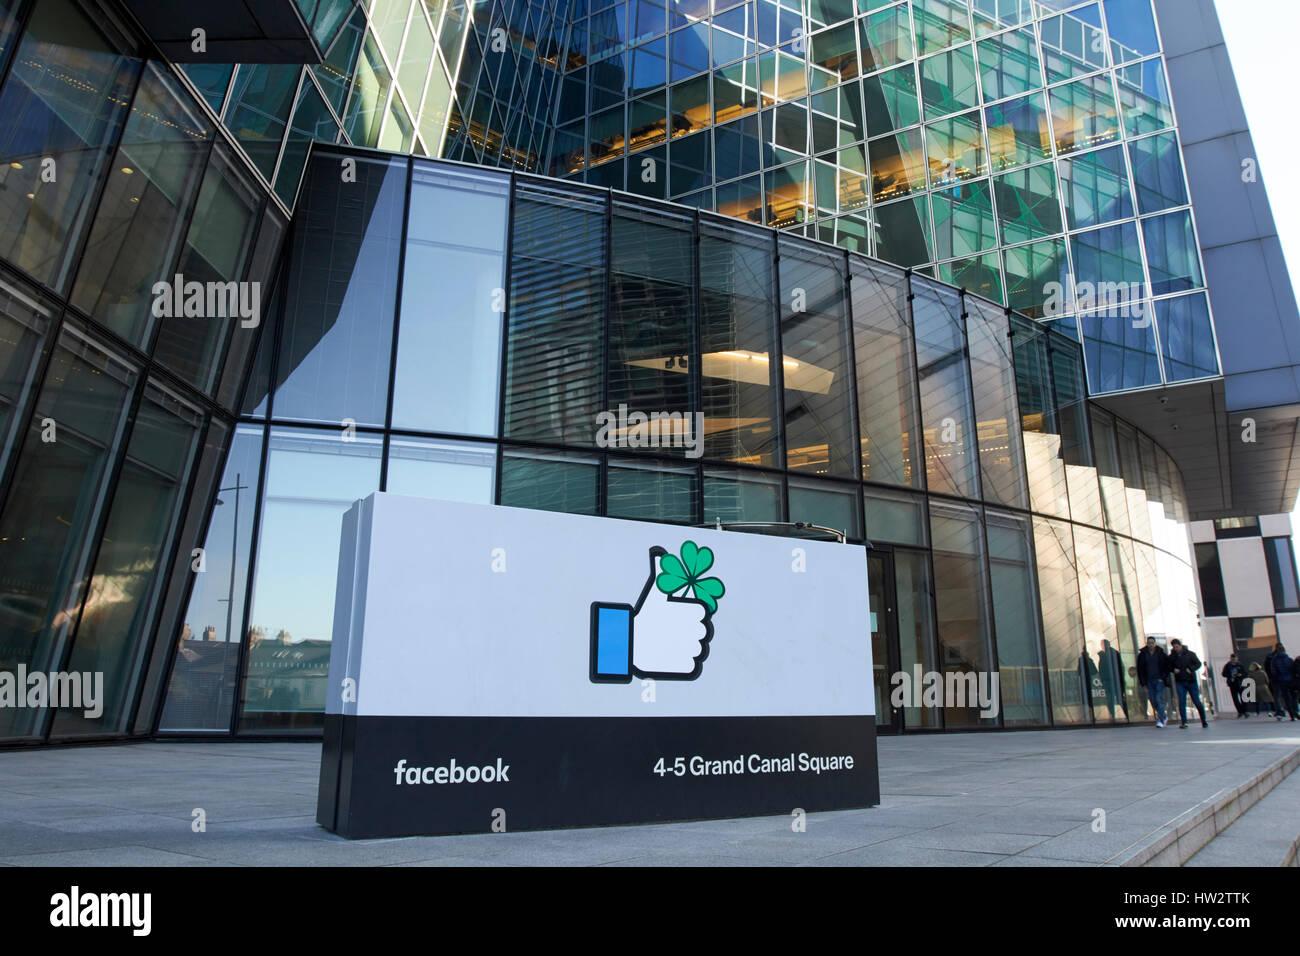 Facebook Dublin Office Stock Photos & Facebook Dublin Office